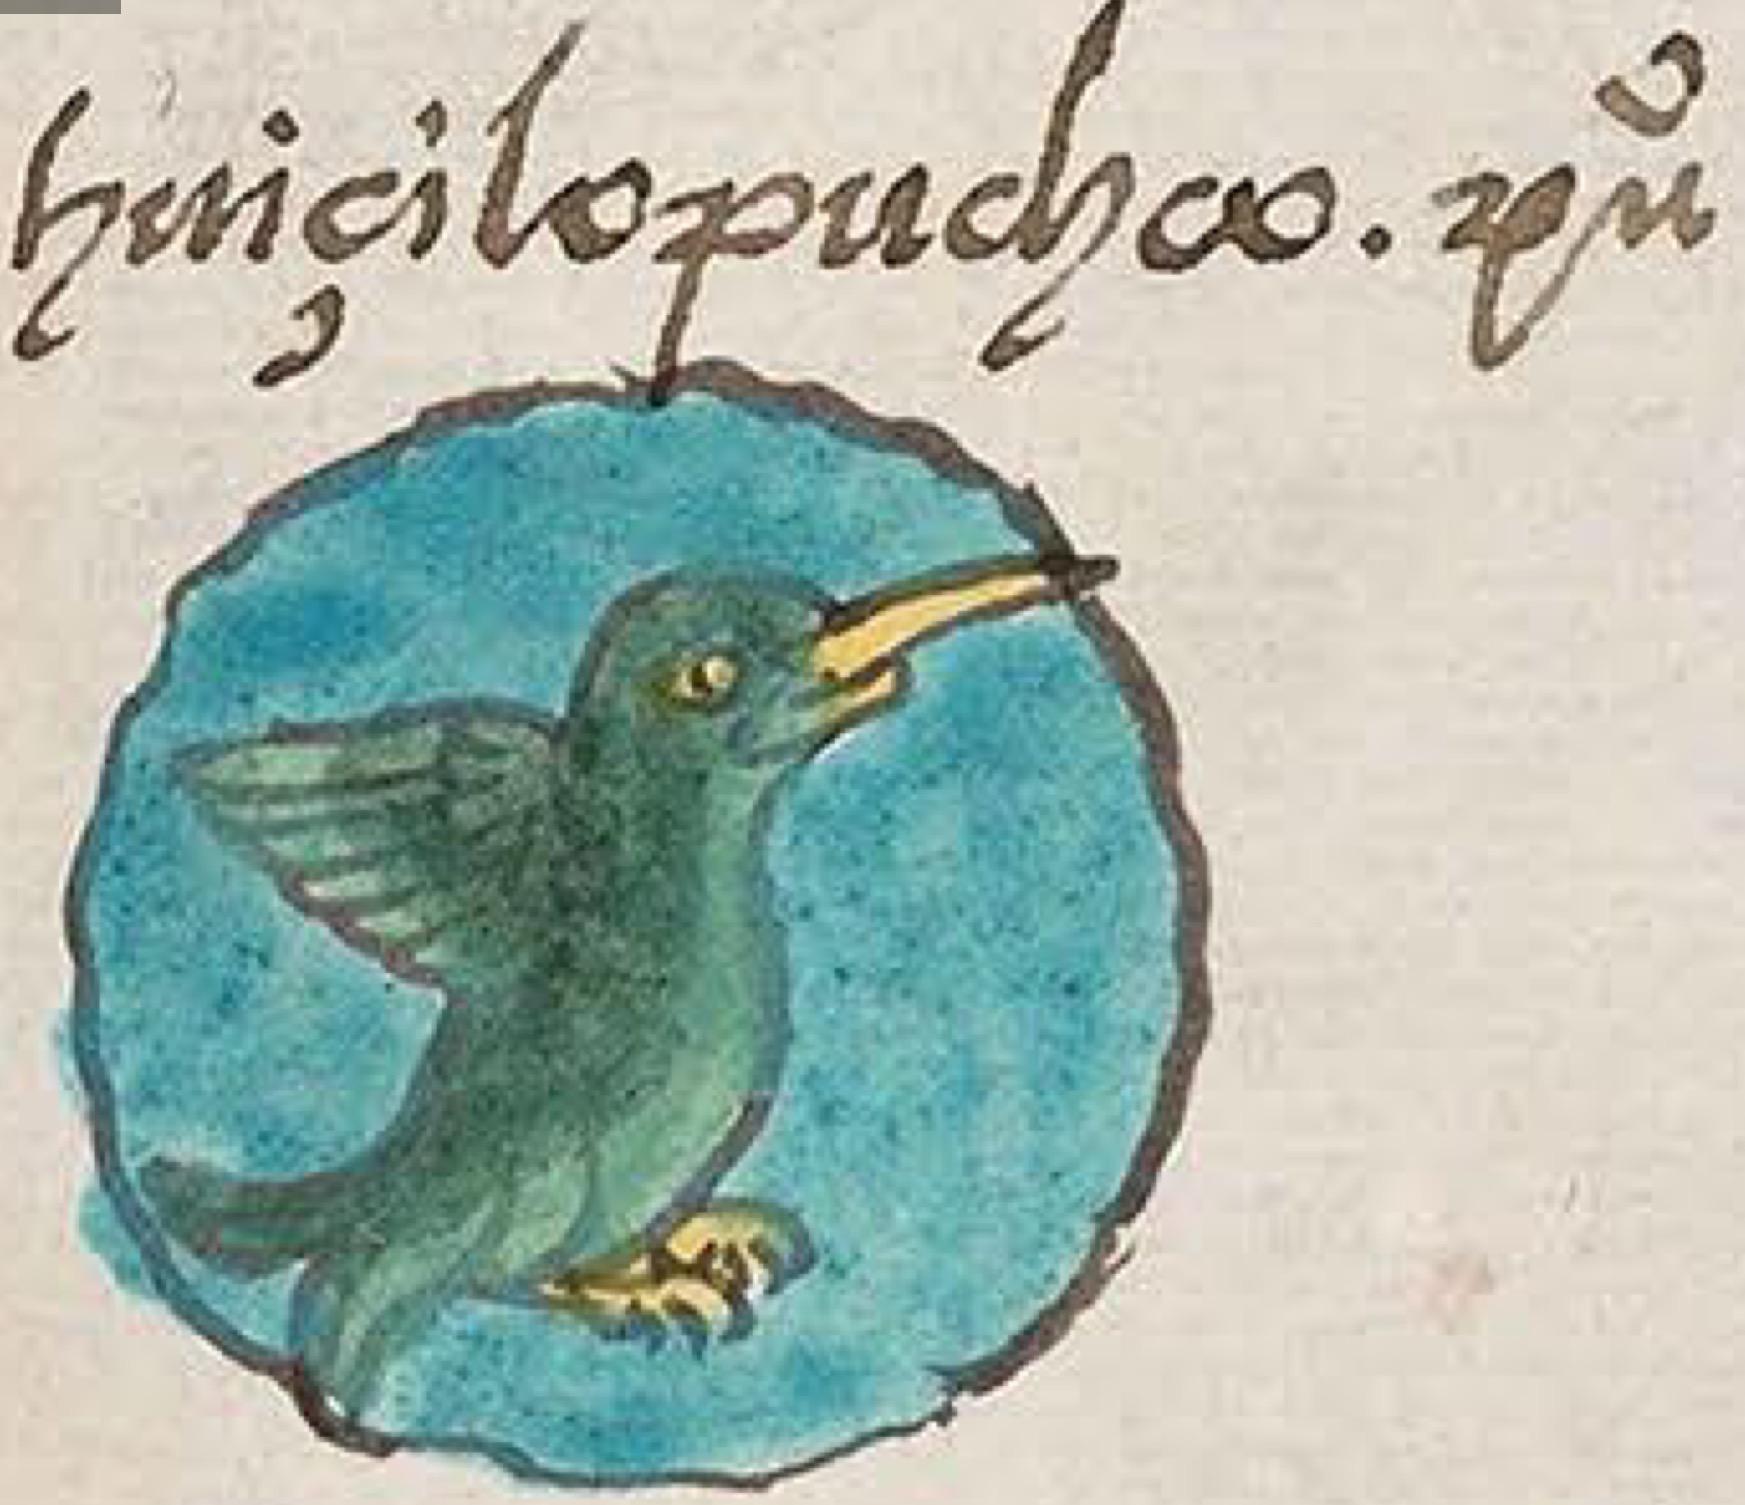 Huitzilatzin